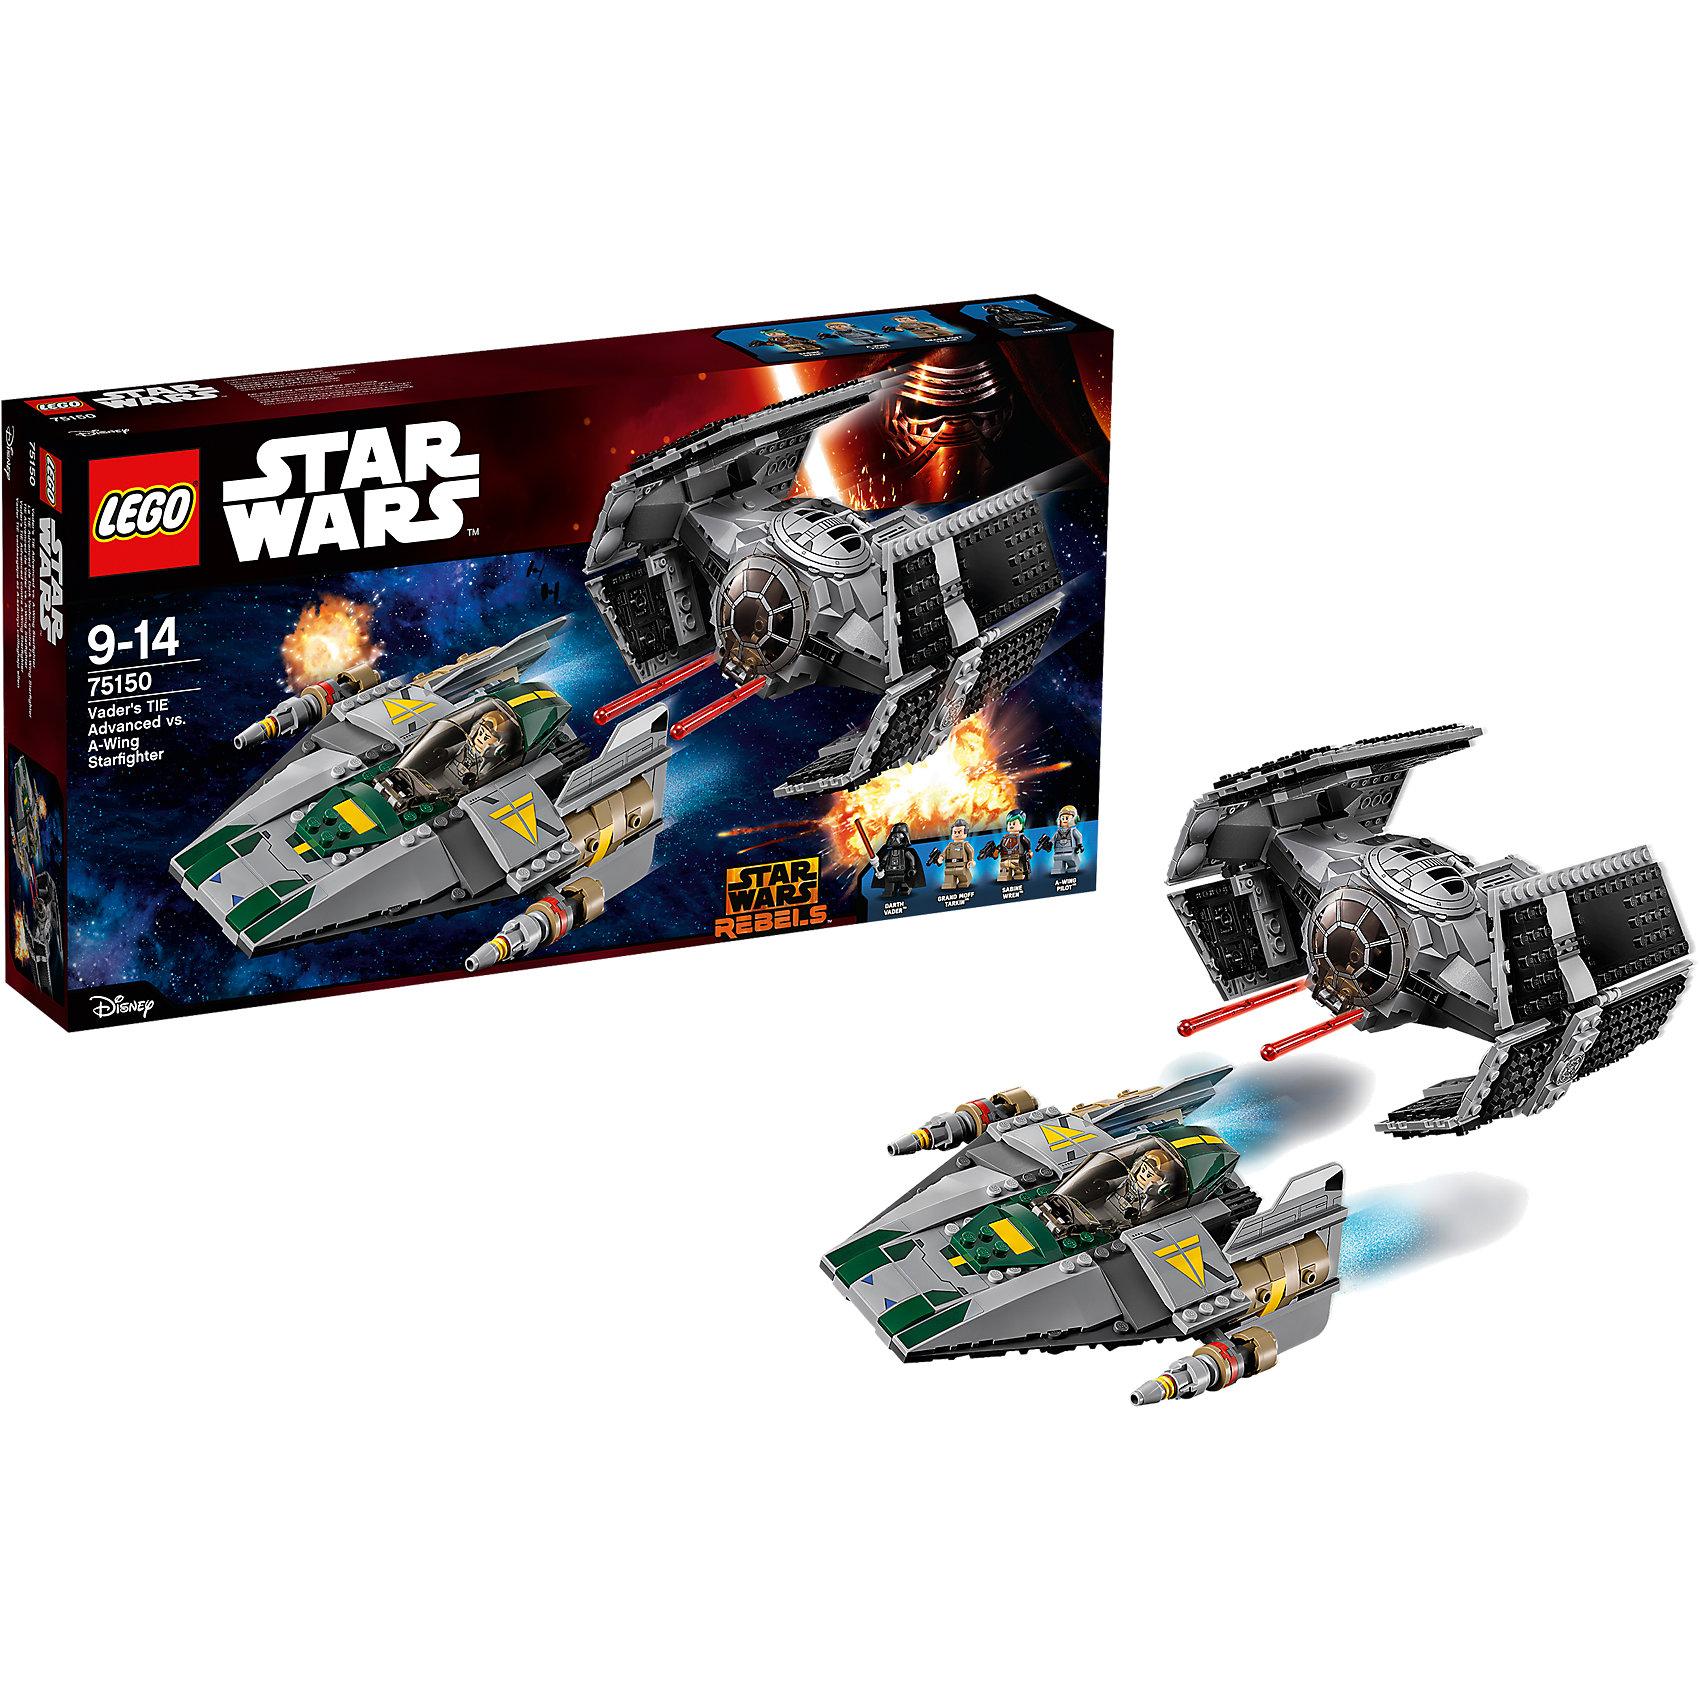 LEGO LEGO Star Wars 75150: Усовершенствованный истребитель СИД Дарта Вейдера против Звёздного Истребителя A-Wing lego конструктор сид дарта вейдера против a wing star wars 75150